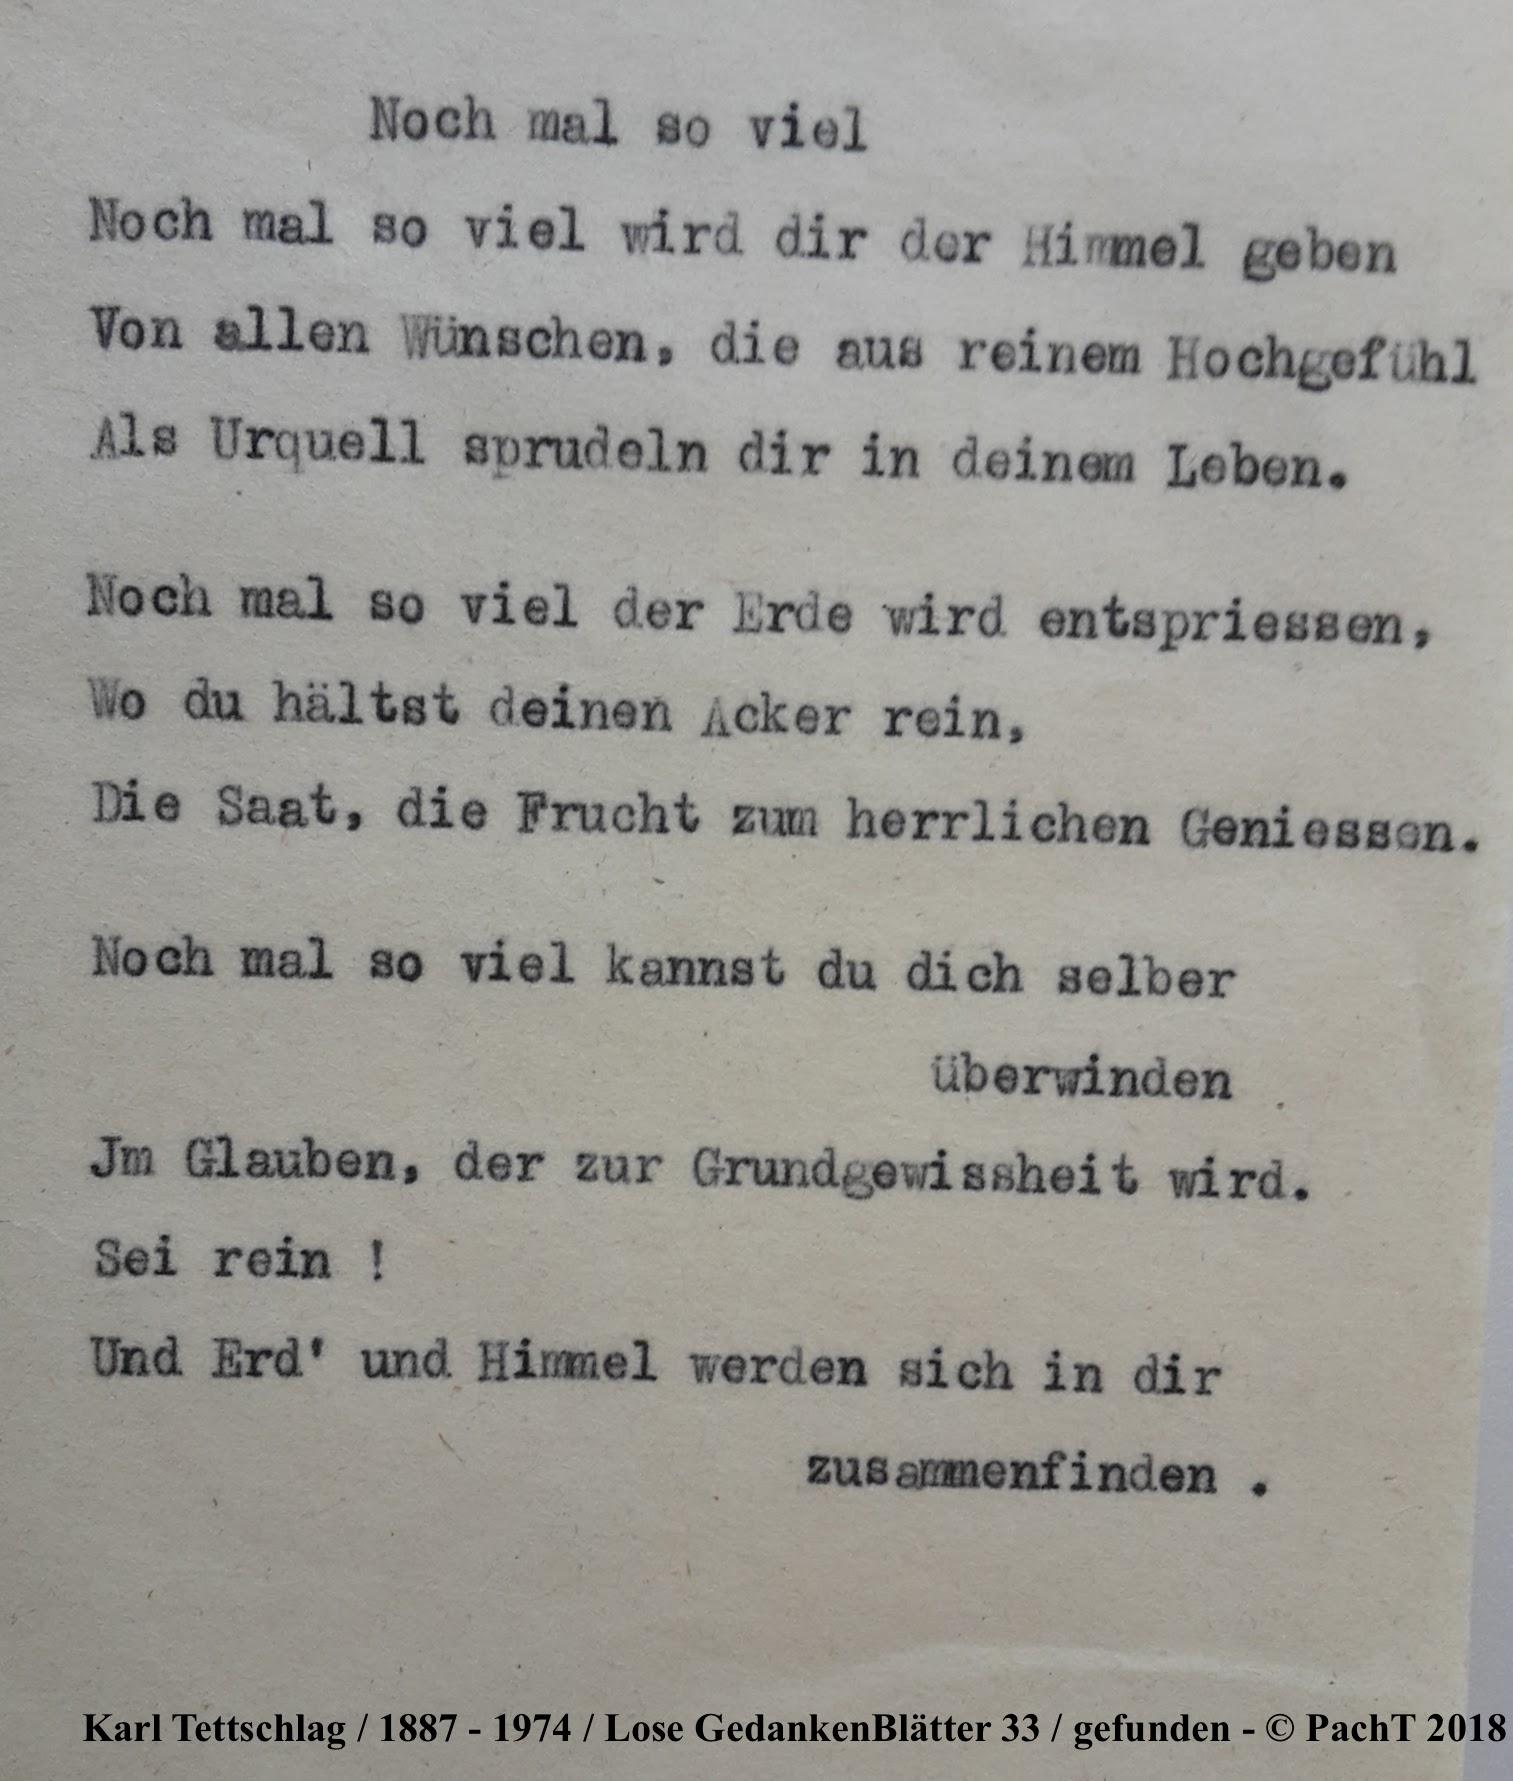 1887 - 1974 Erinnerungen an meinen Opa _ Lose GedankenBlätter 33